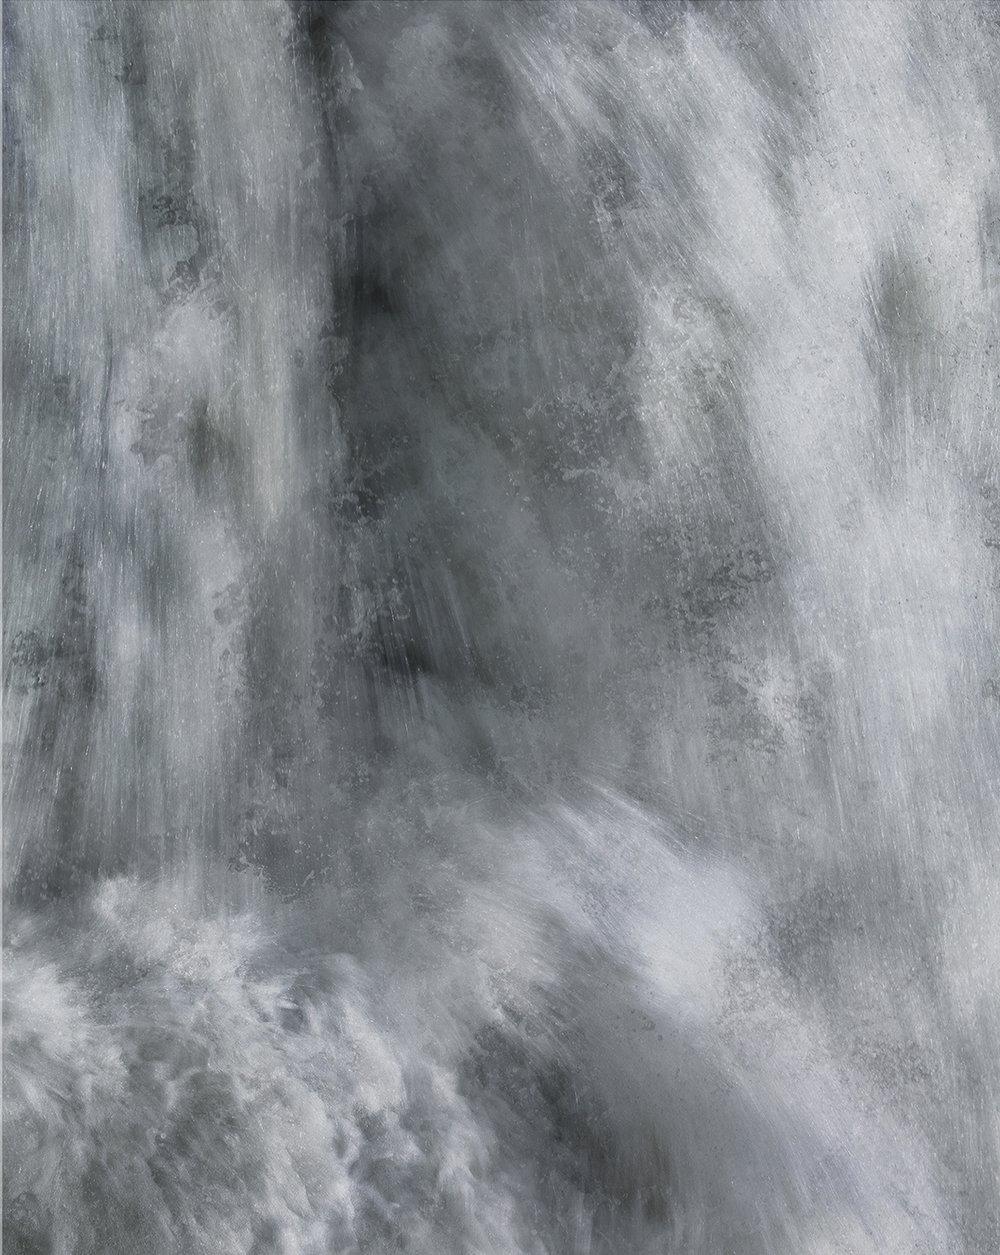 Flumen 13, 2017 37.5 x 30 in Vellum + Archival Inkjet Prints Overlaid